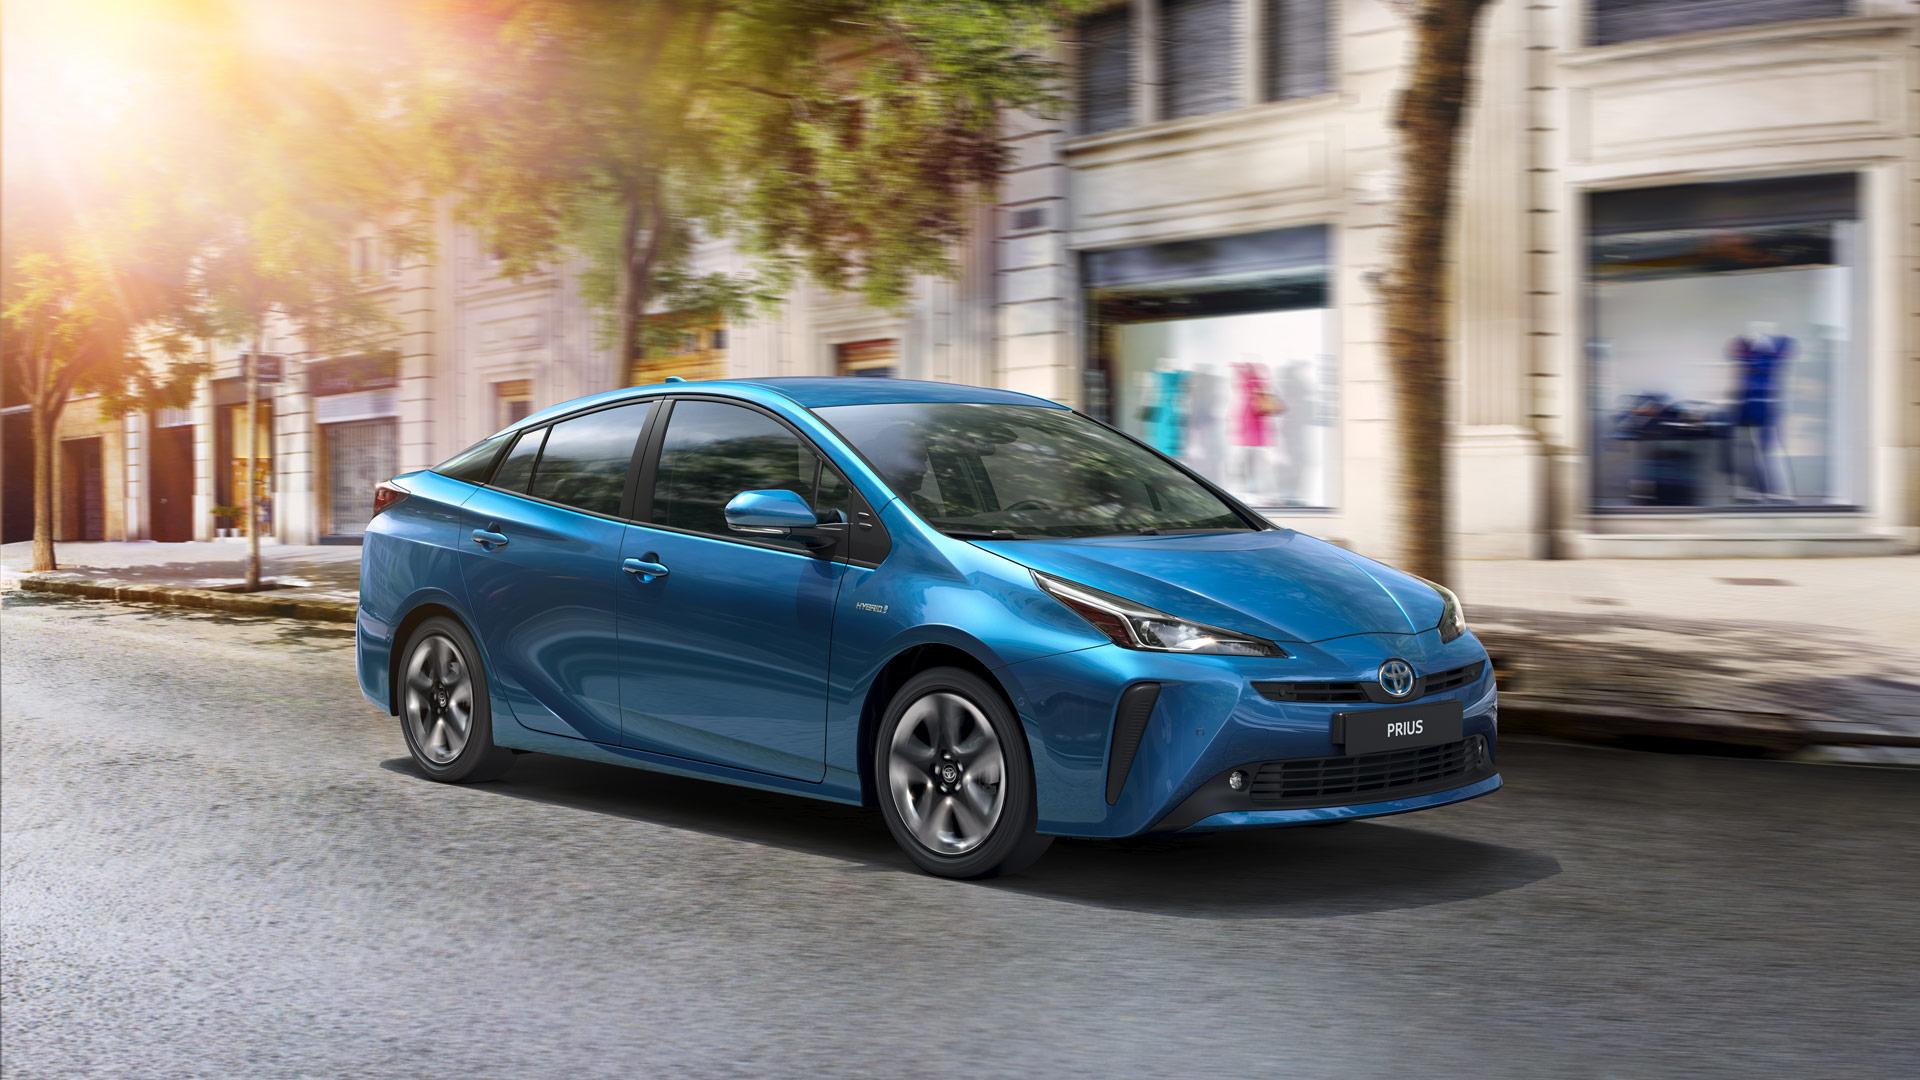 Toyota Prius 1.8 Active (Benzina Hybrid) - Dimensioni, Consumi e Dotazioni di serie